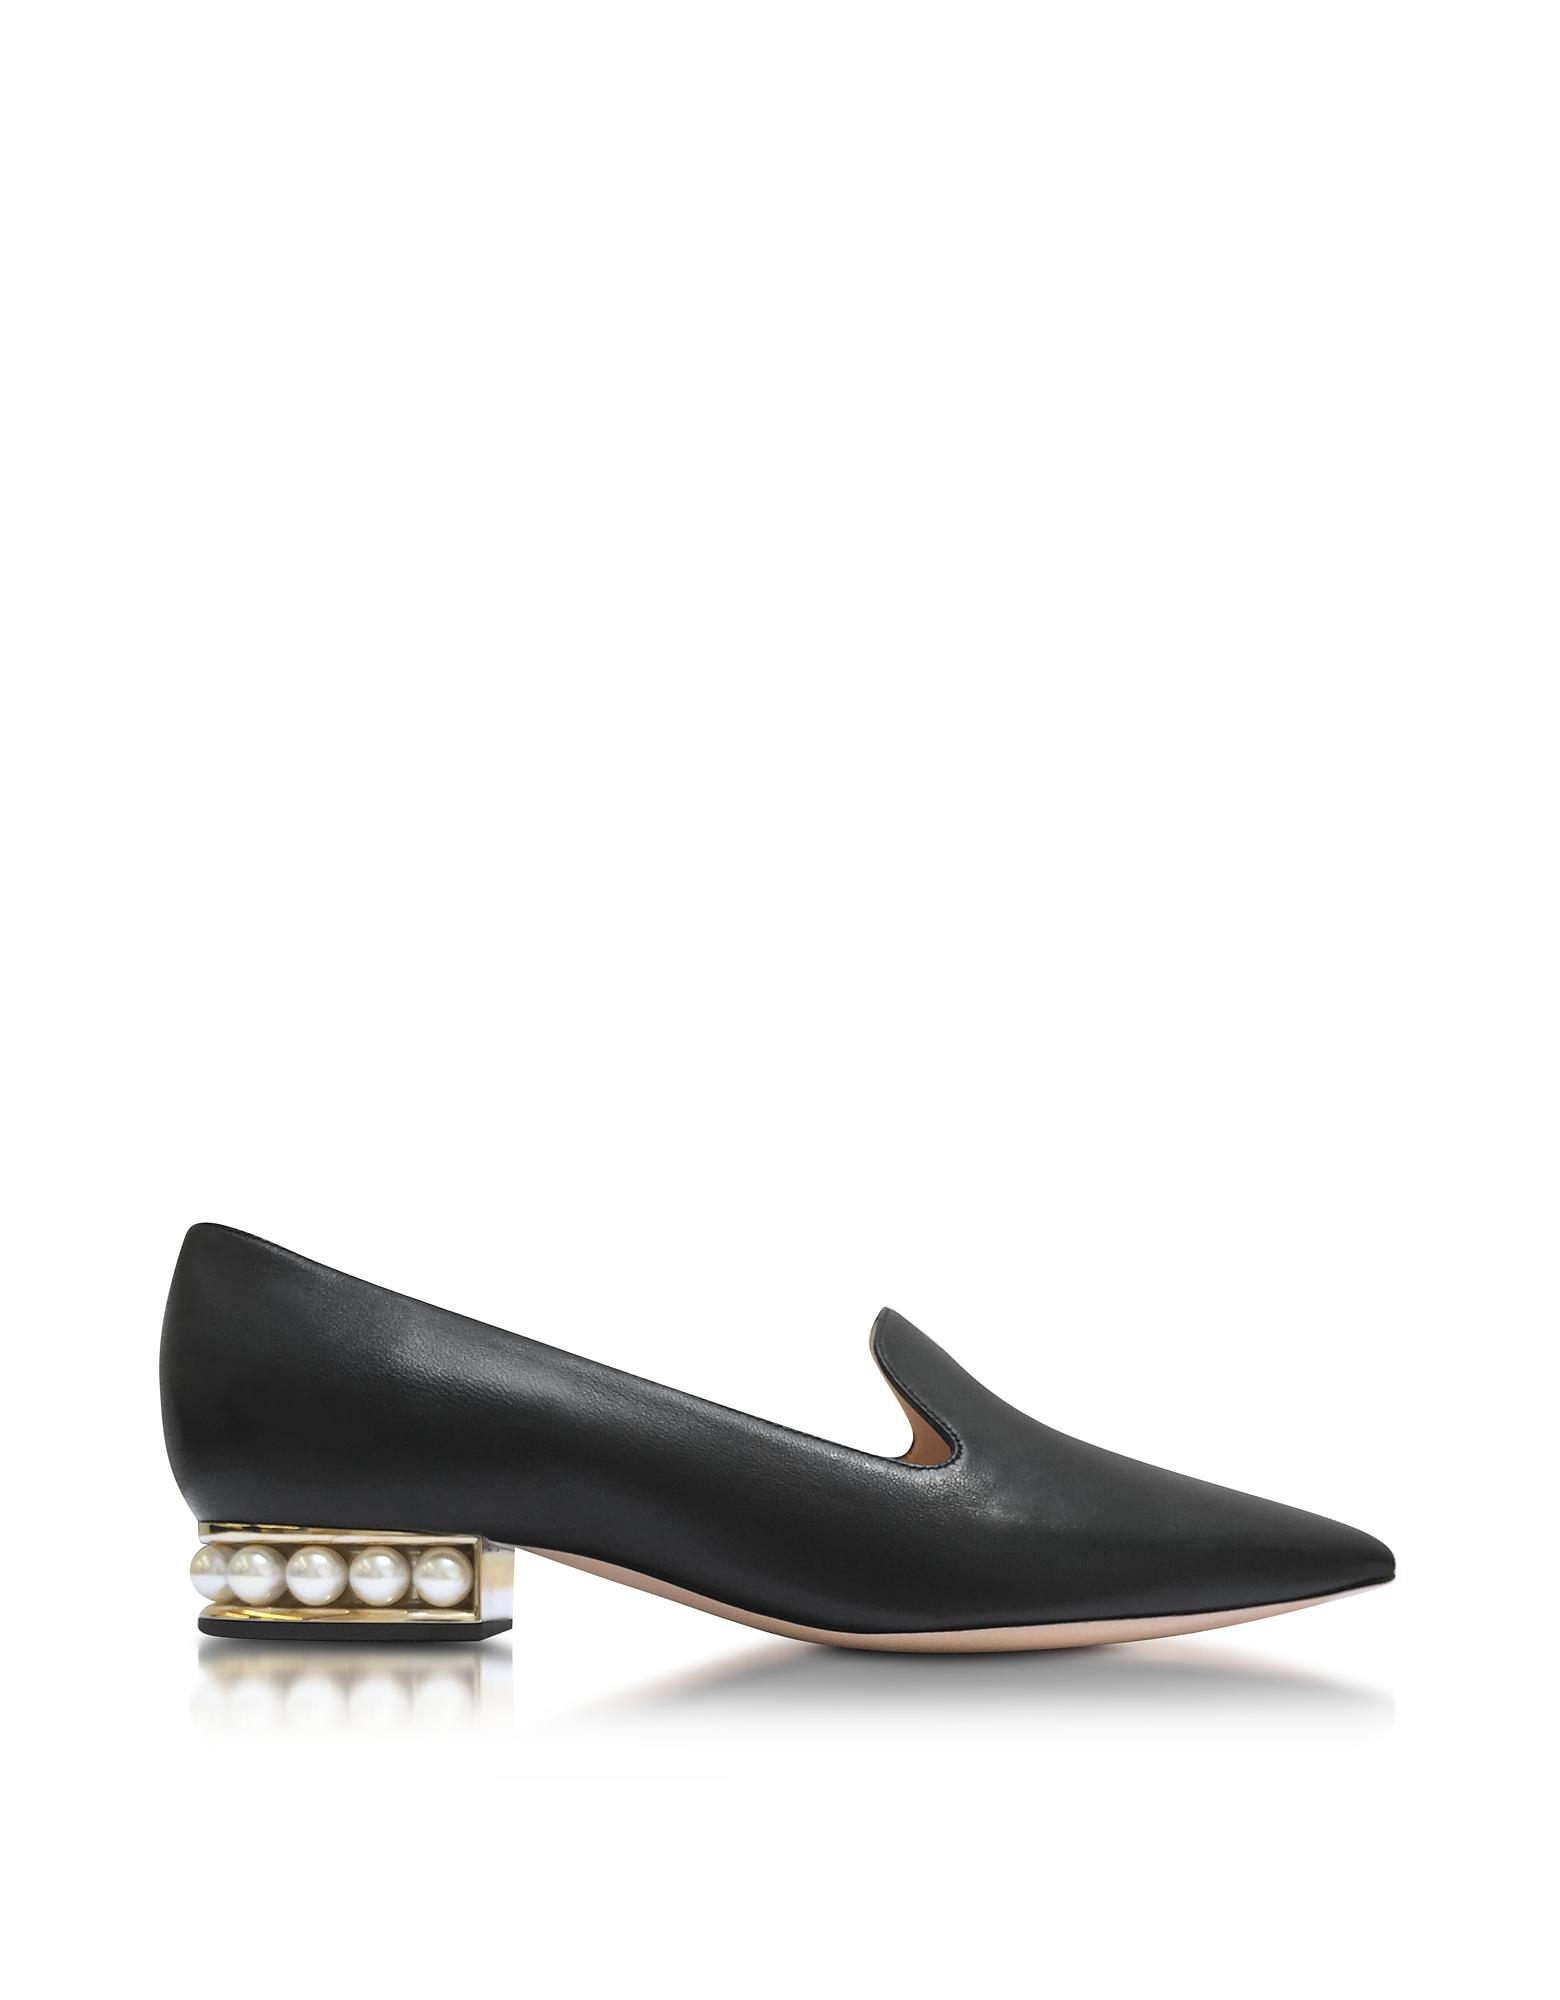 Casati Black Nappa Pearl Loafer